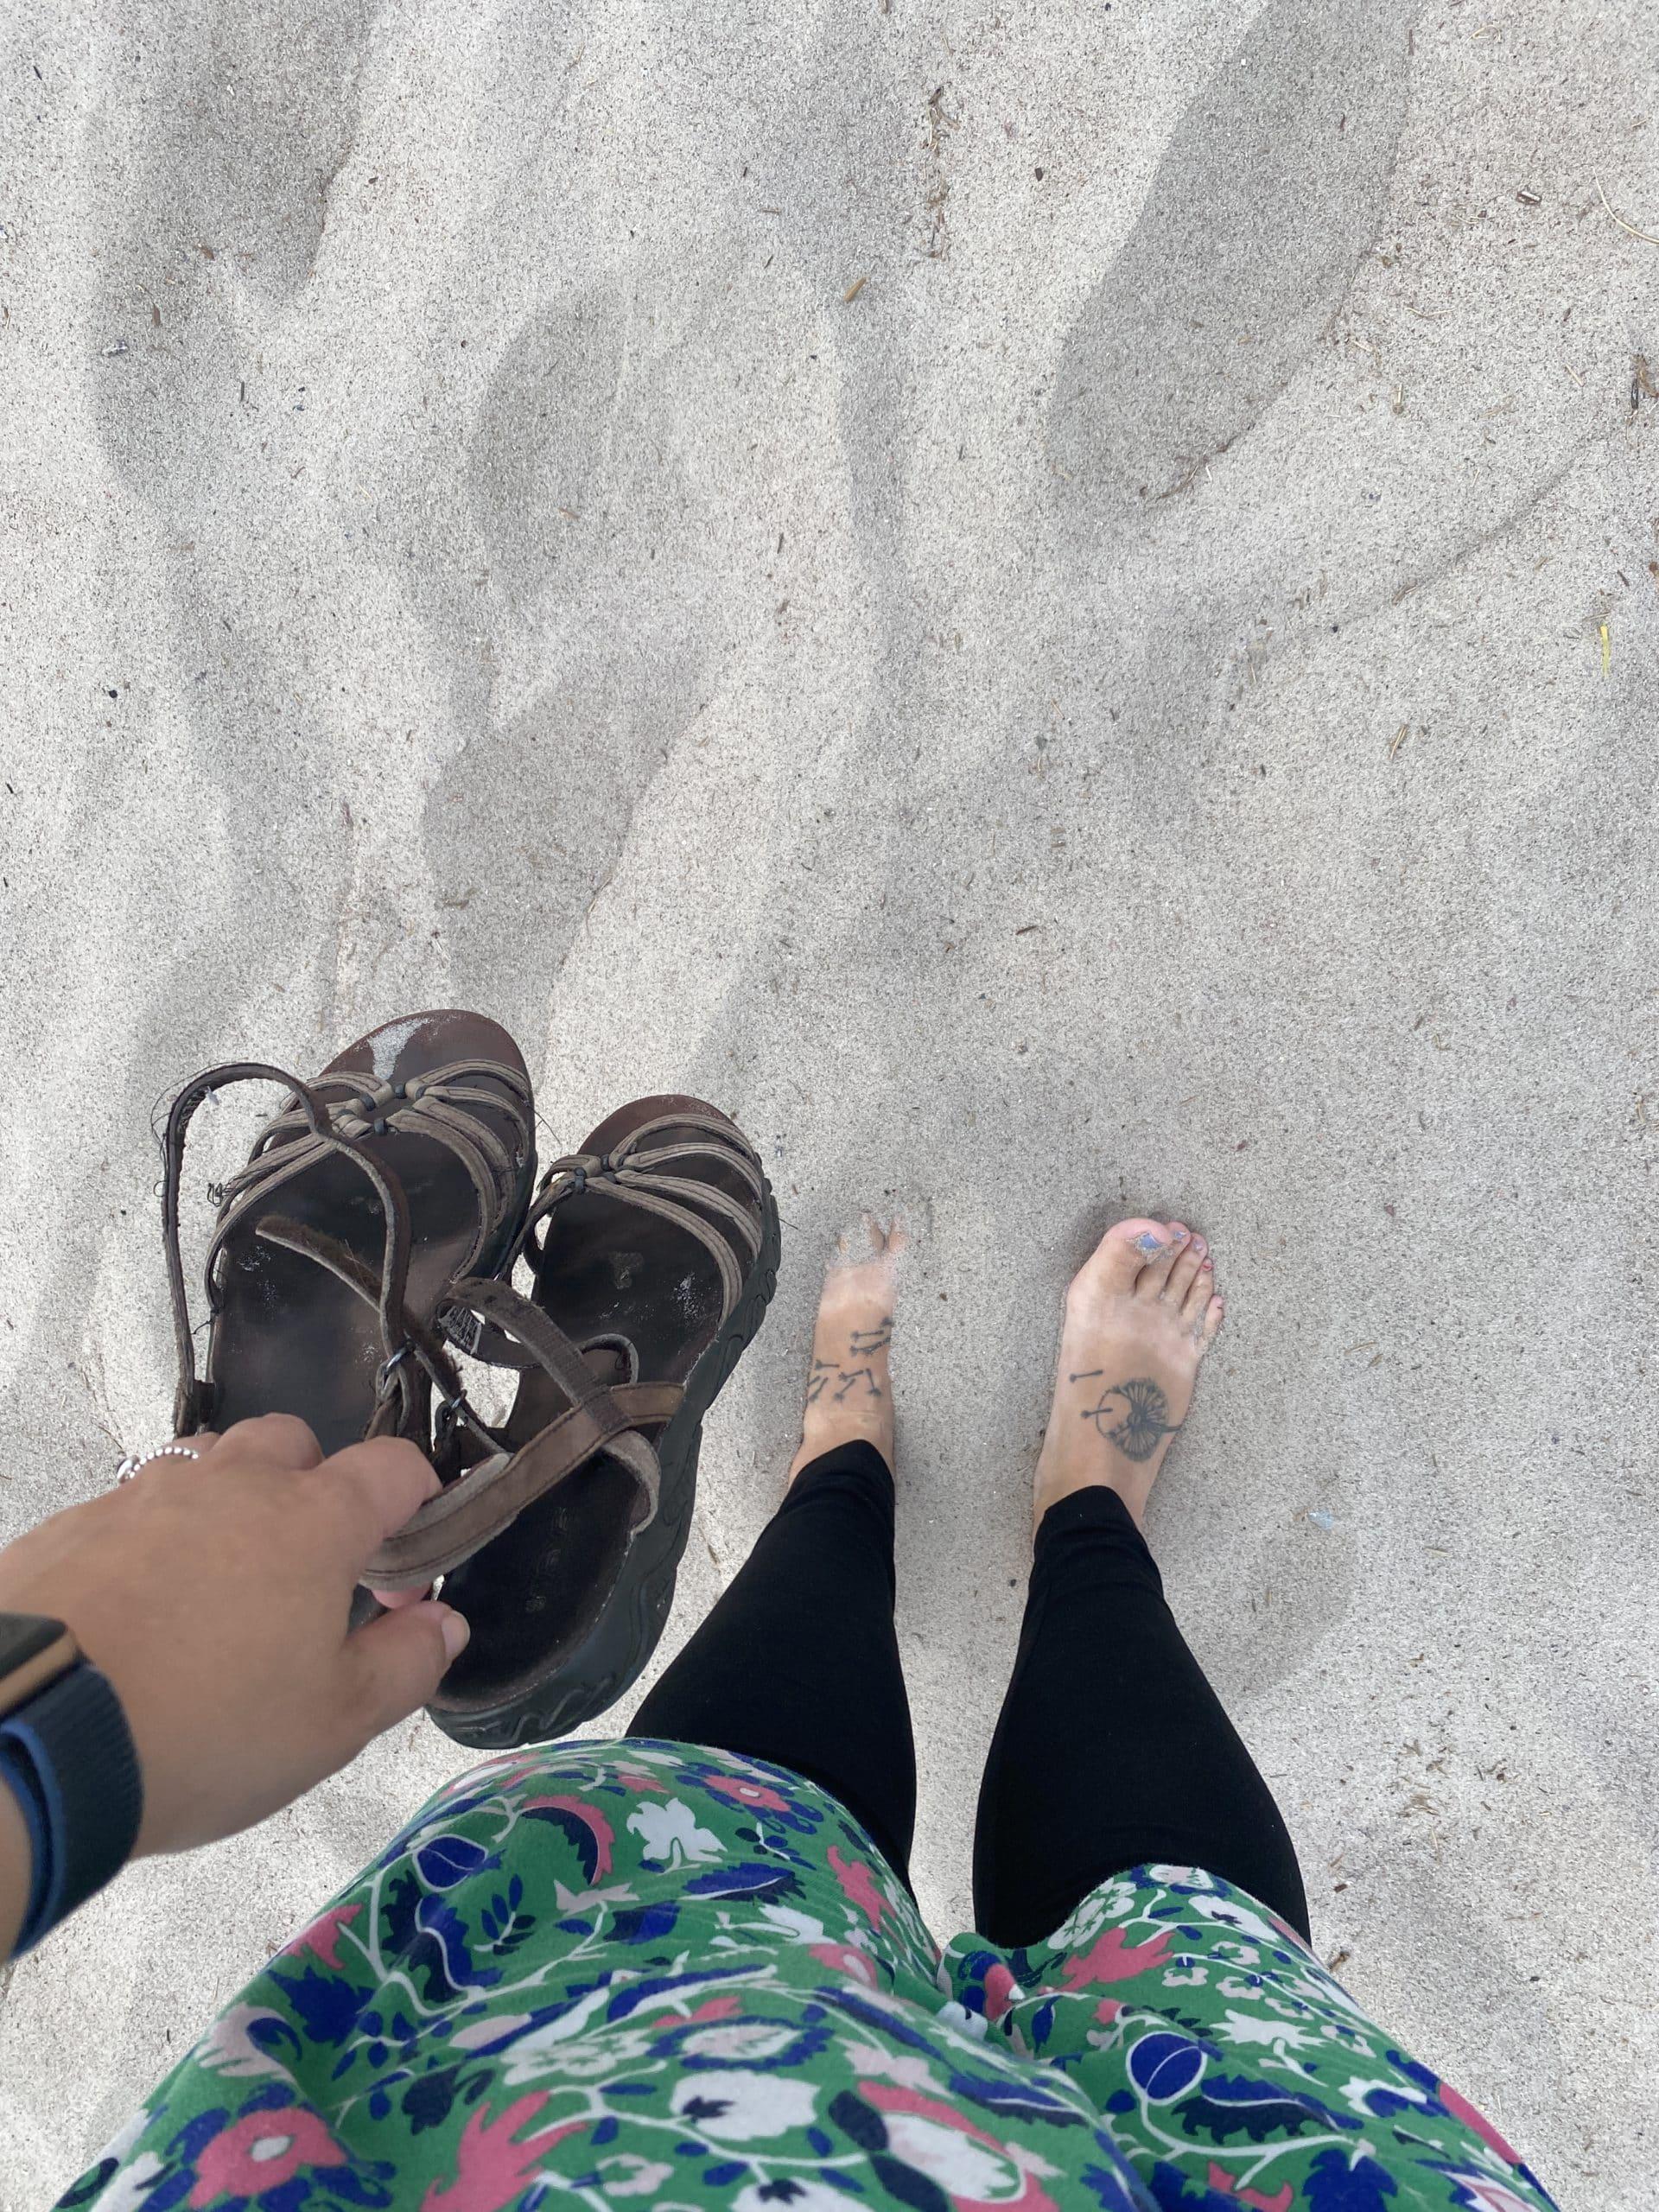 So muss das sein, ein Urlaub ohne Sand an den Füßen ist kein Urlaub.